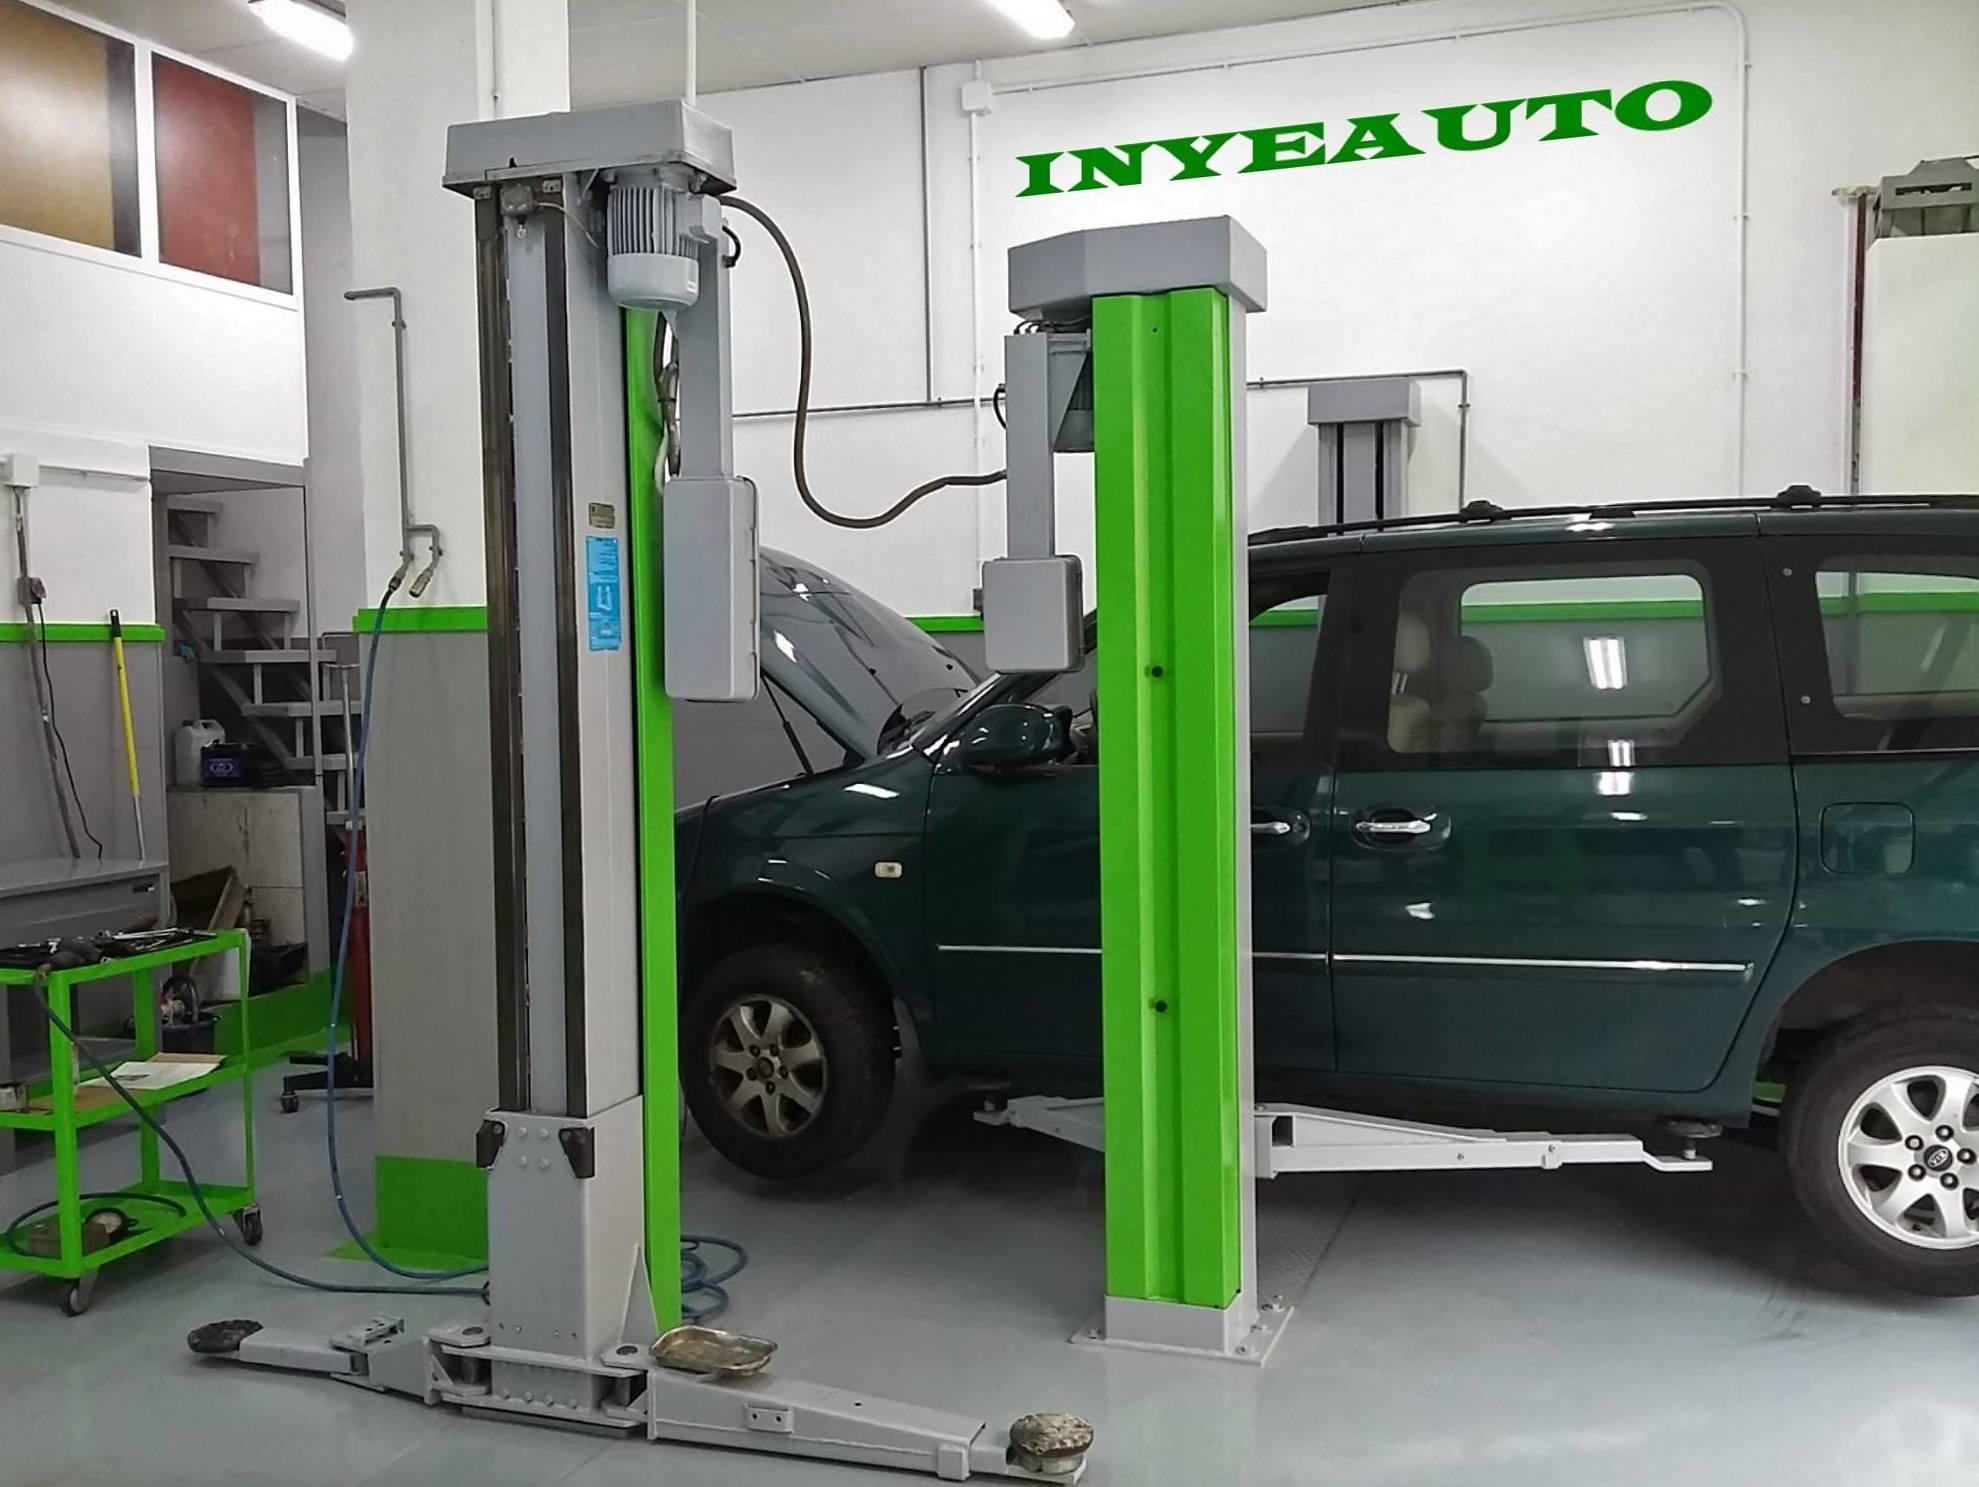 Foto 3 de Talleres de automóviles en San Fernando de Henares | Servicio Integral del Automóvil Inyeauto, S.L.